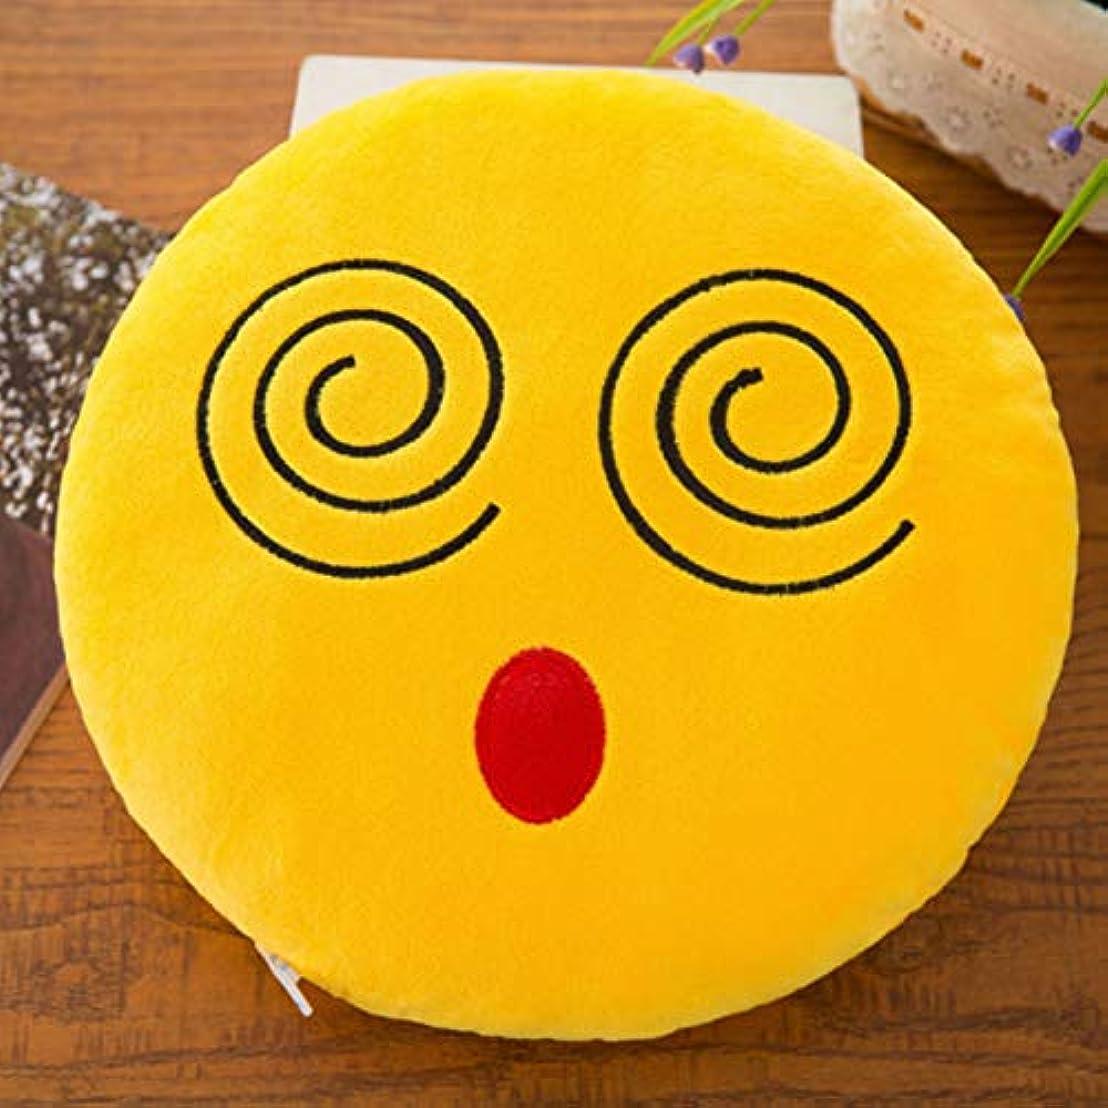 症状ブラインドシミュレートするLIFE 40 センチメートルスマイル絵文字枕ソフトぬいぐるみ絵文字ラウンドクッション家の装飾かわいい漫画のおもちゃの人形装飾枕ドロップ船 クッション 椅子